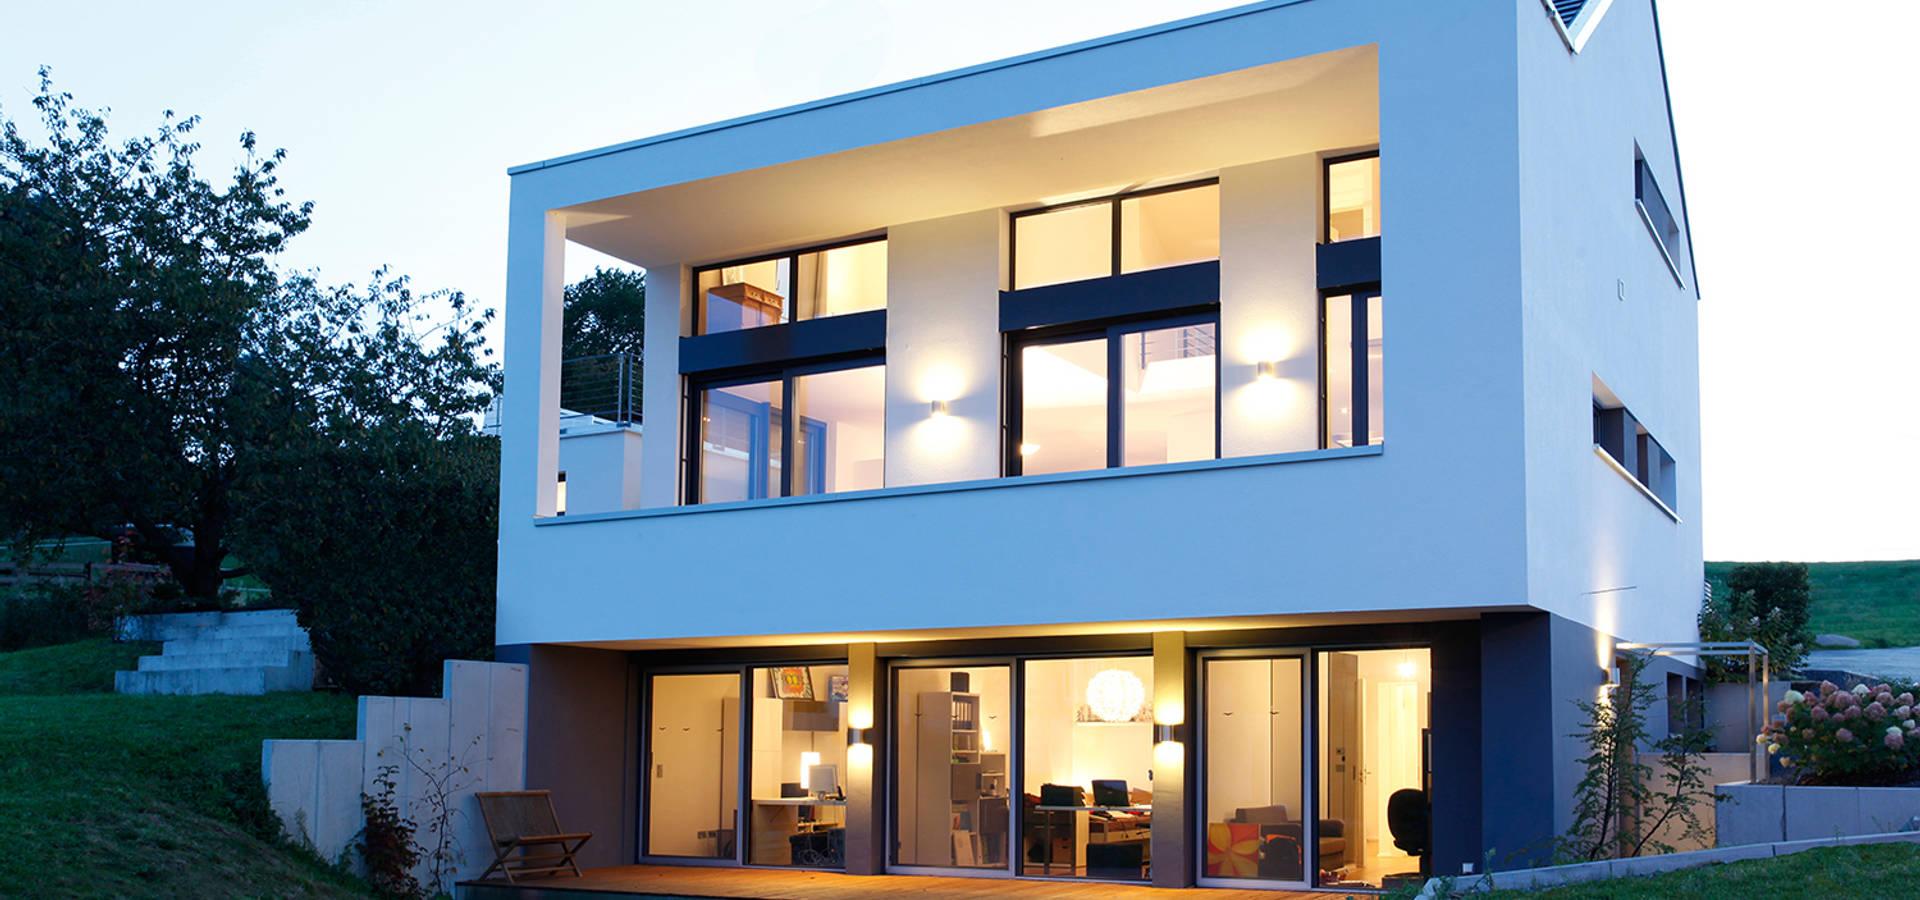 Neubau Einfamilienhaus By Bitsch Bienstein Architekten Partgmbb